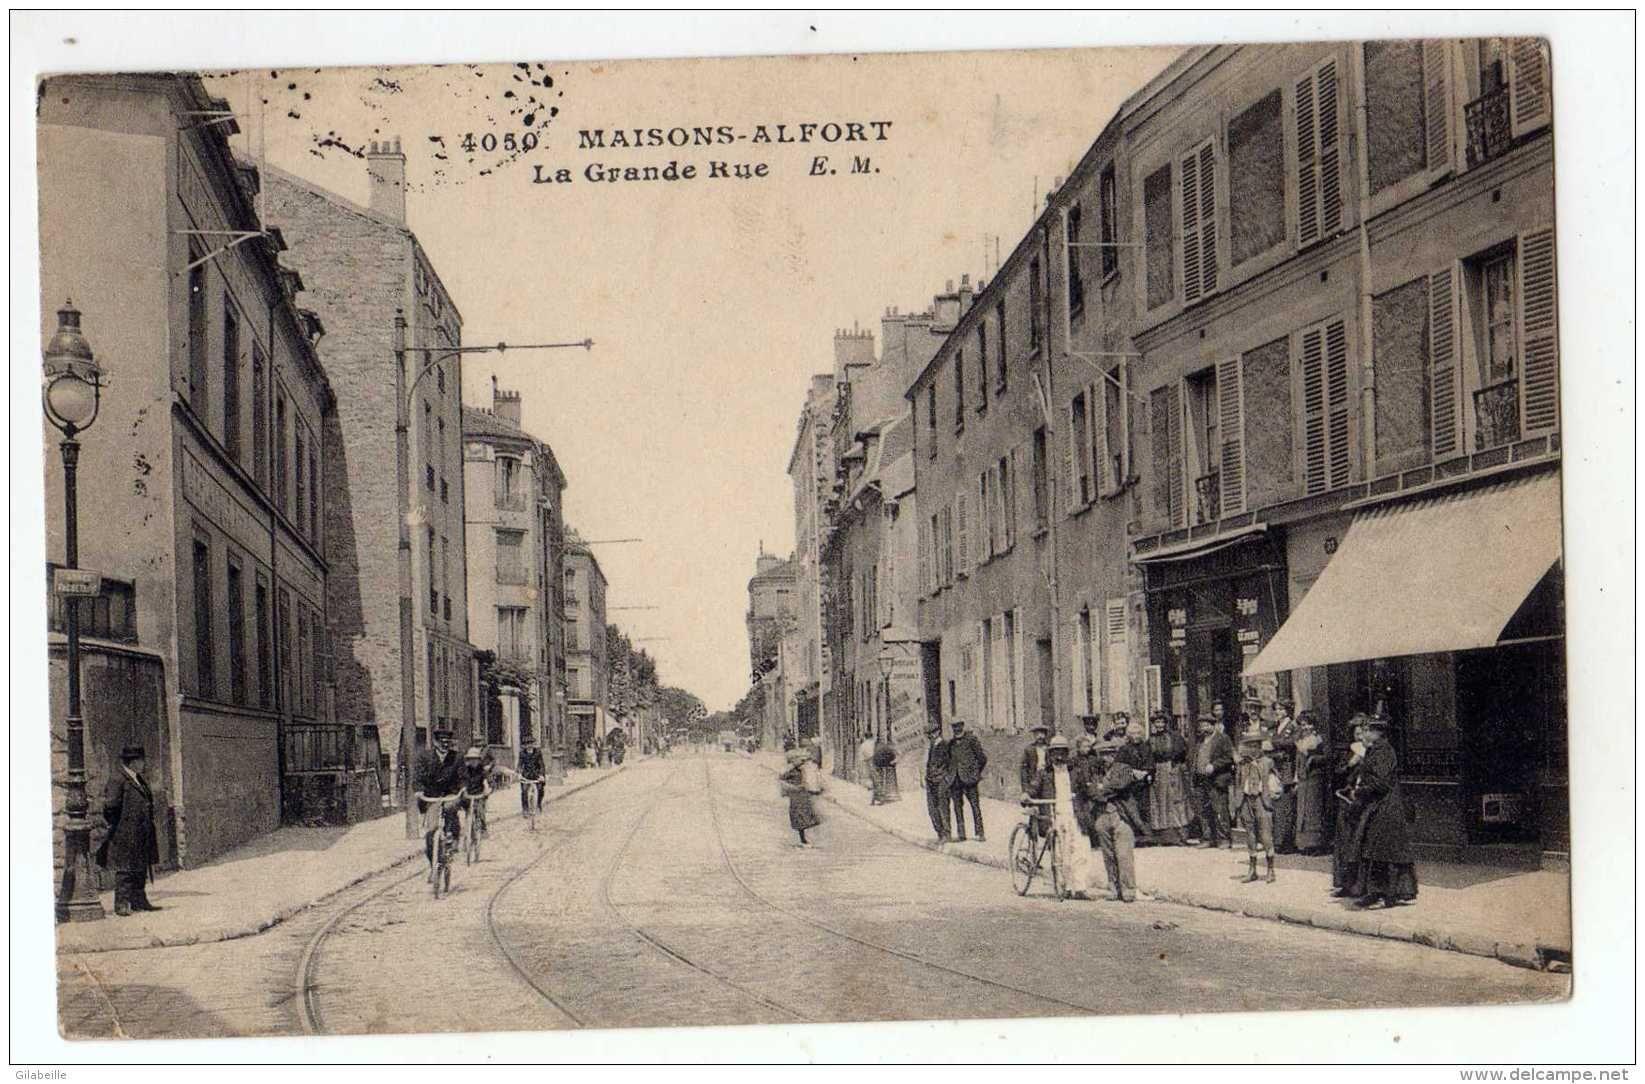 Cartes Postales / maisons alfort - Delcampe.fr | Rue, Carte postale, Postale